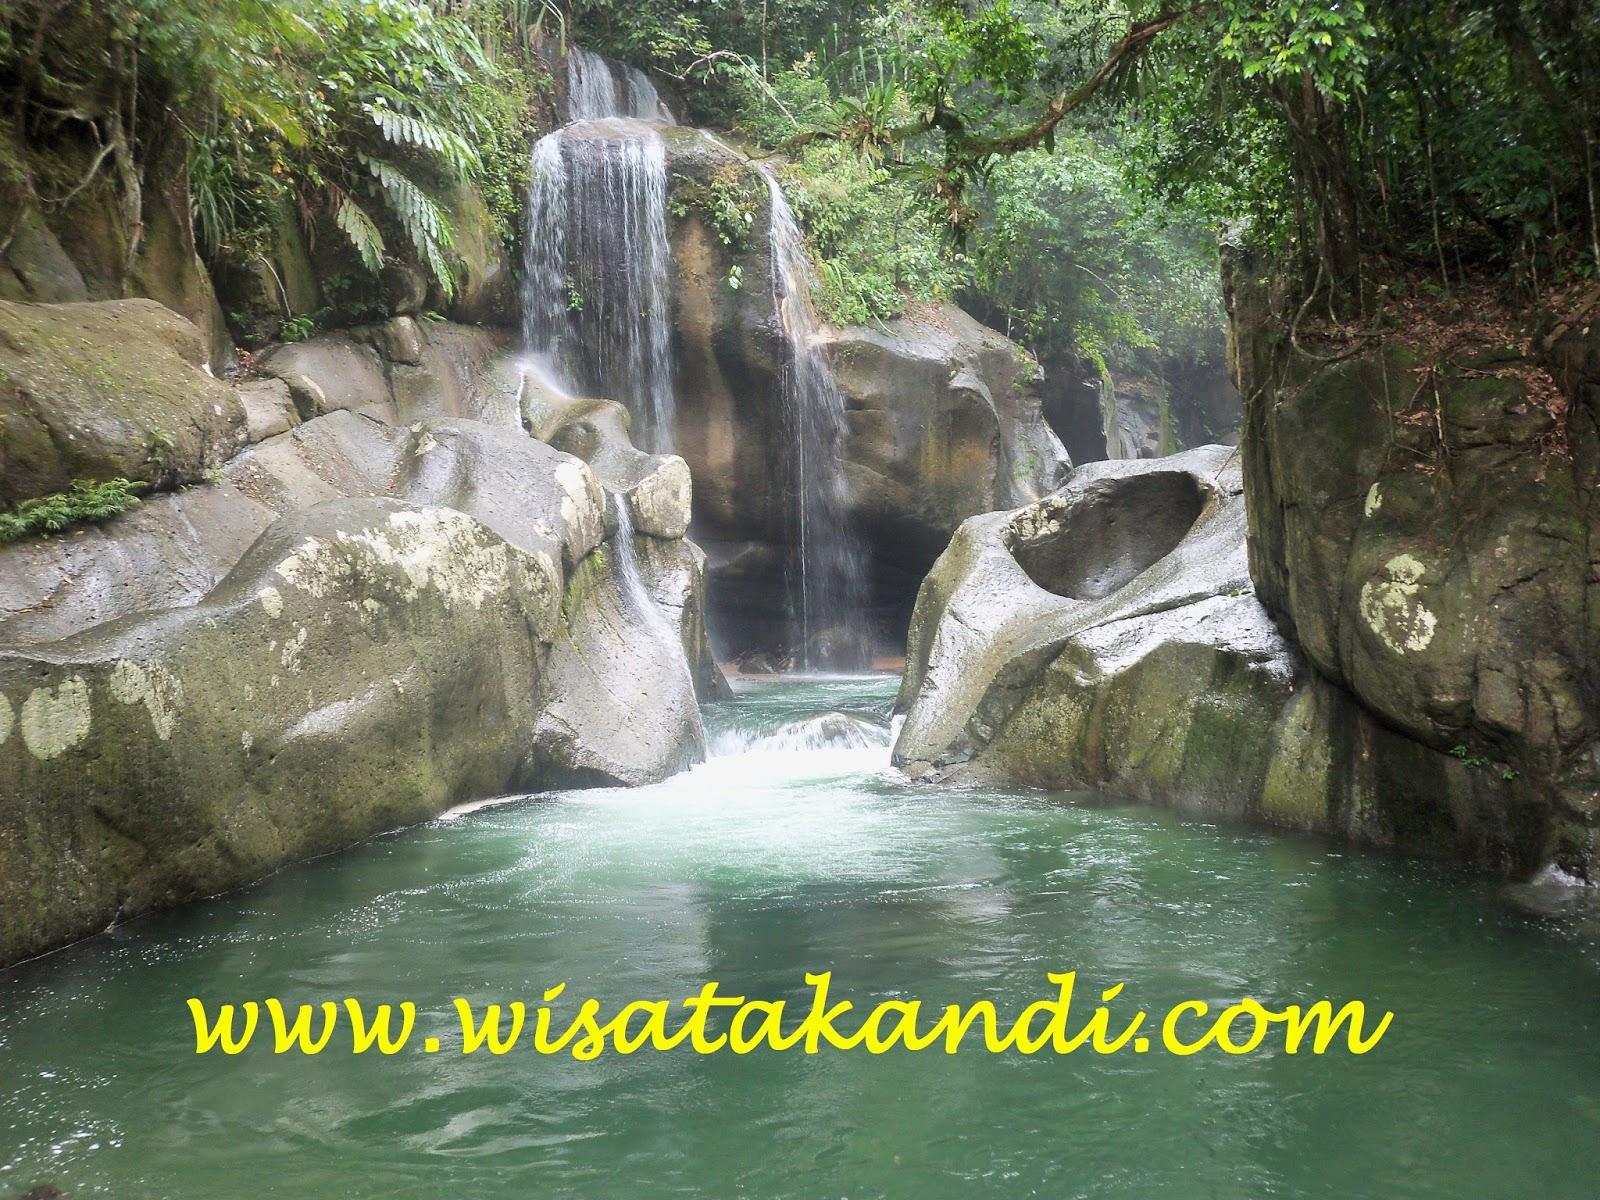 Air Terjun Nyarai Sumatera Barat Wisata Pulau Suwarnadwipa Dan Pagang Di Sumbar